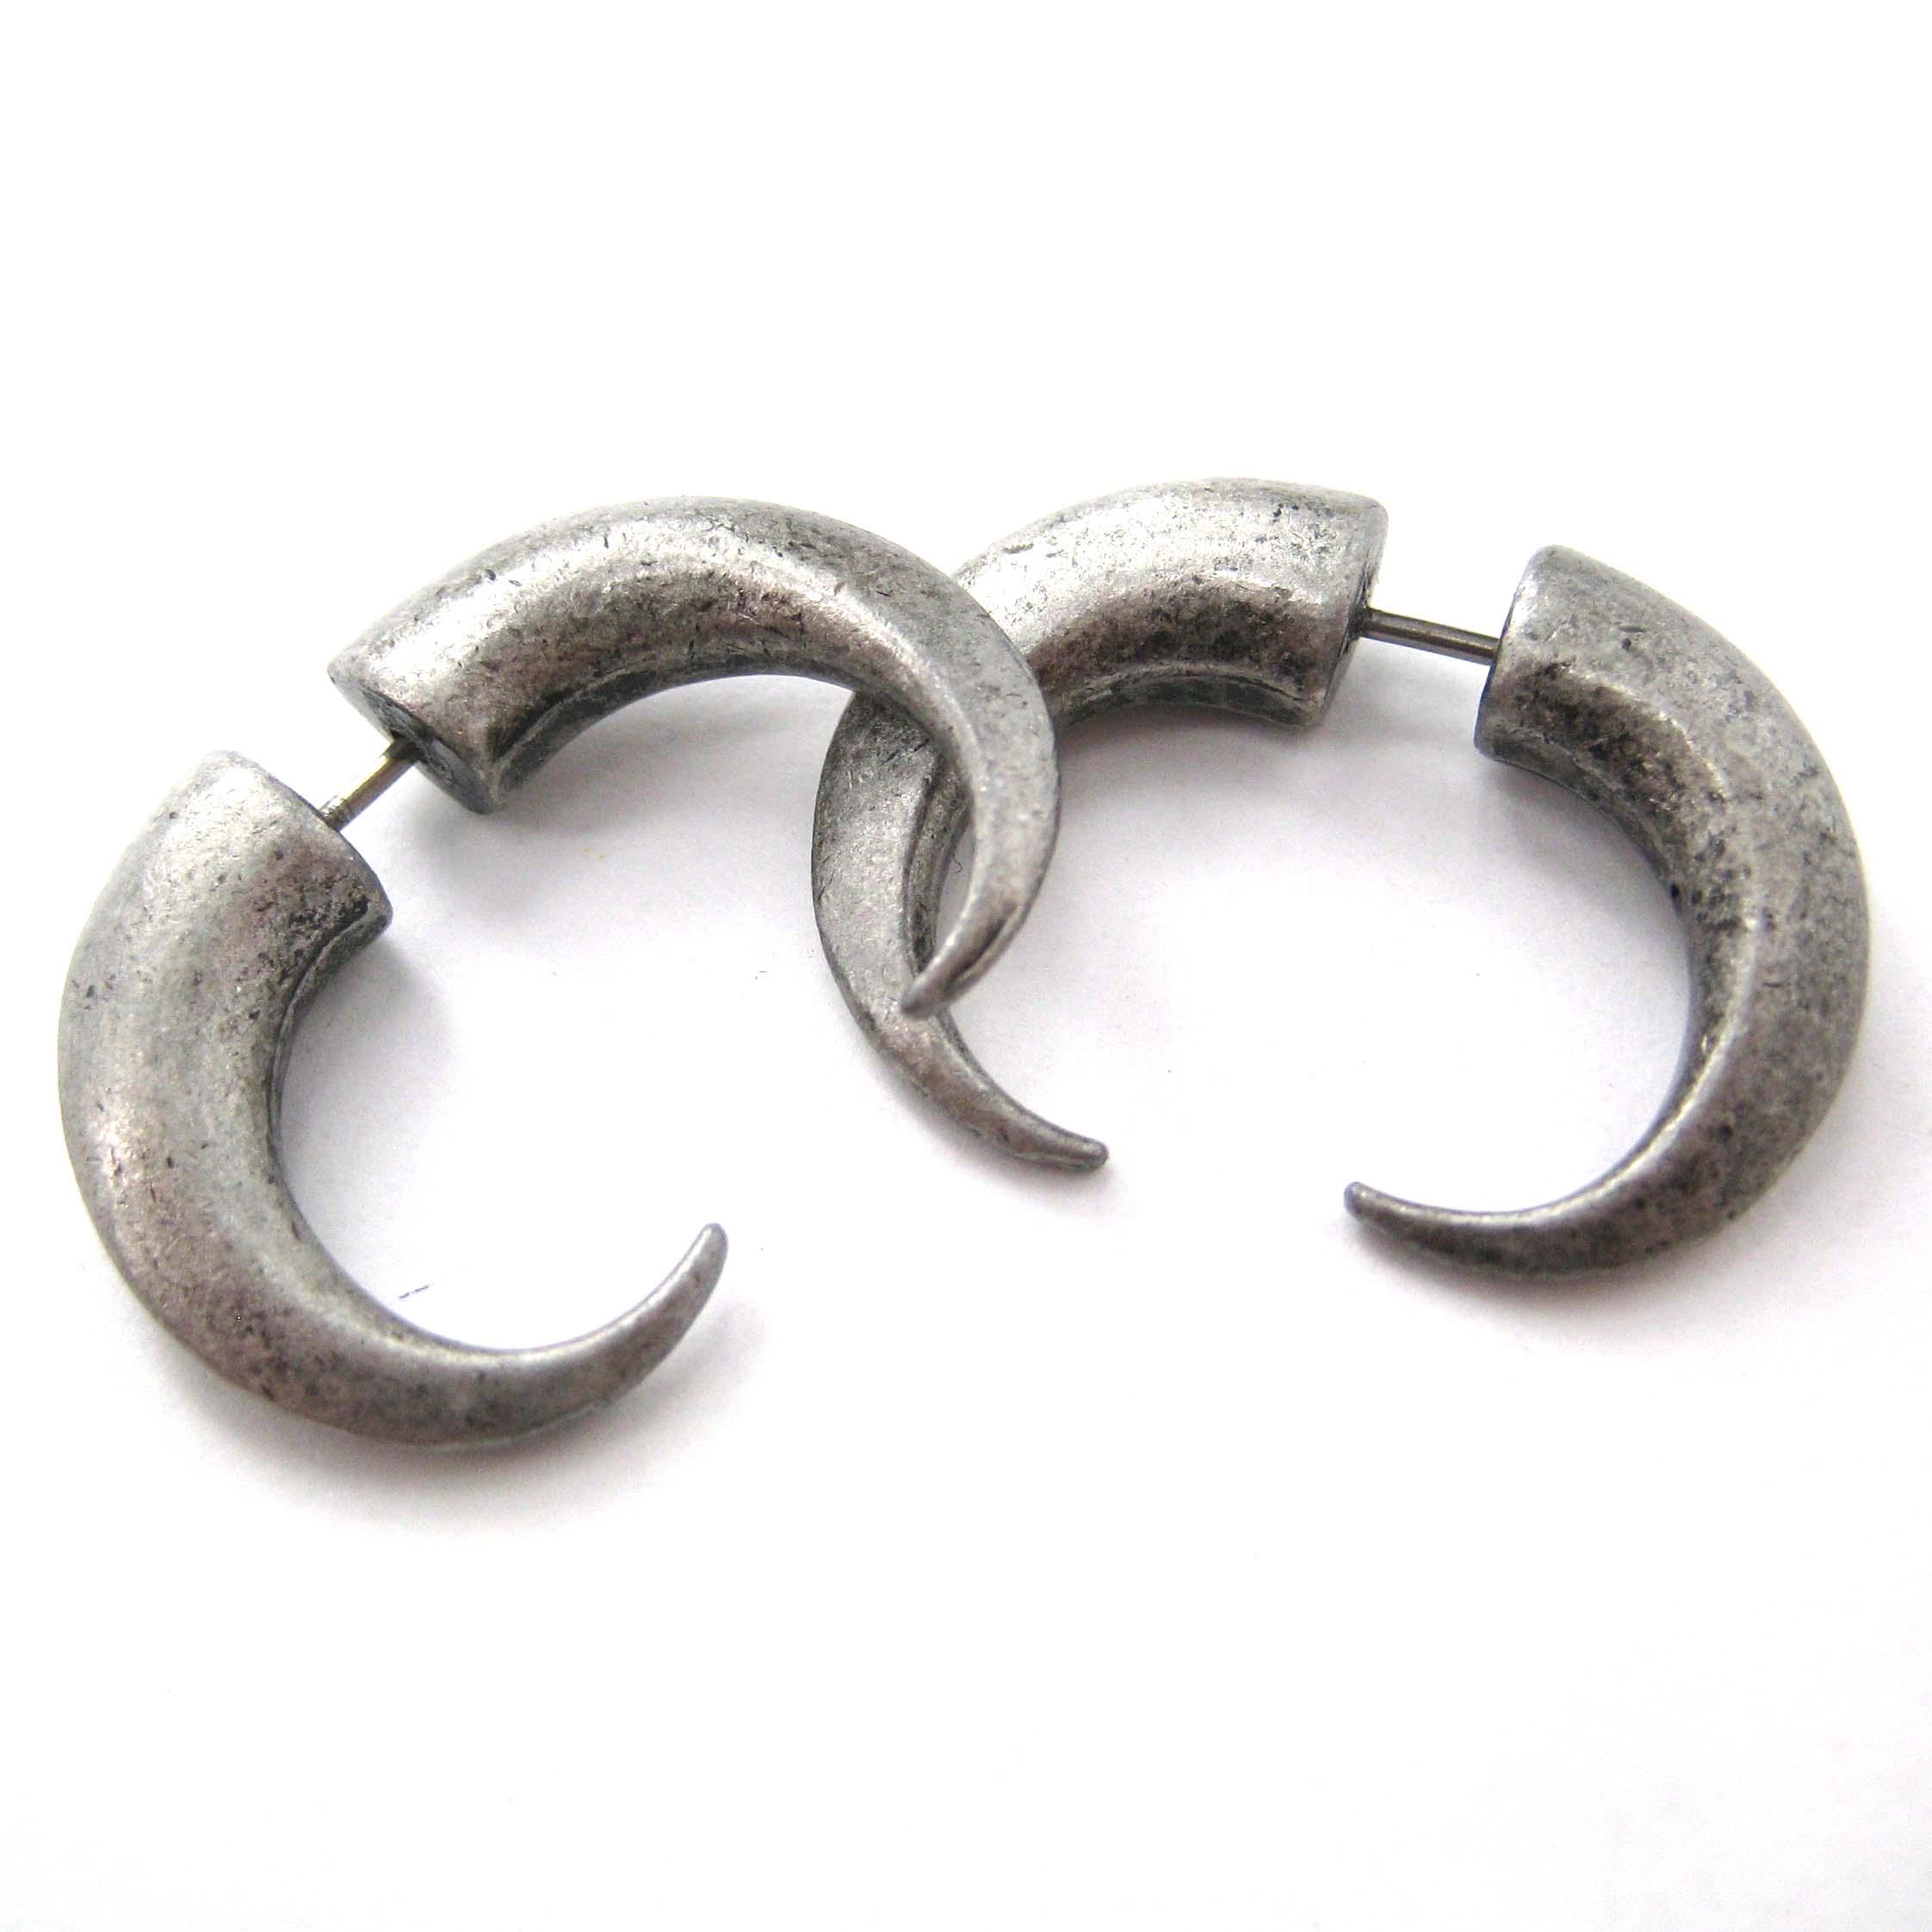 3d Fake Gauge Horn Hook Rocker Chic Spike Stud Earrings Silver